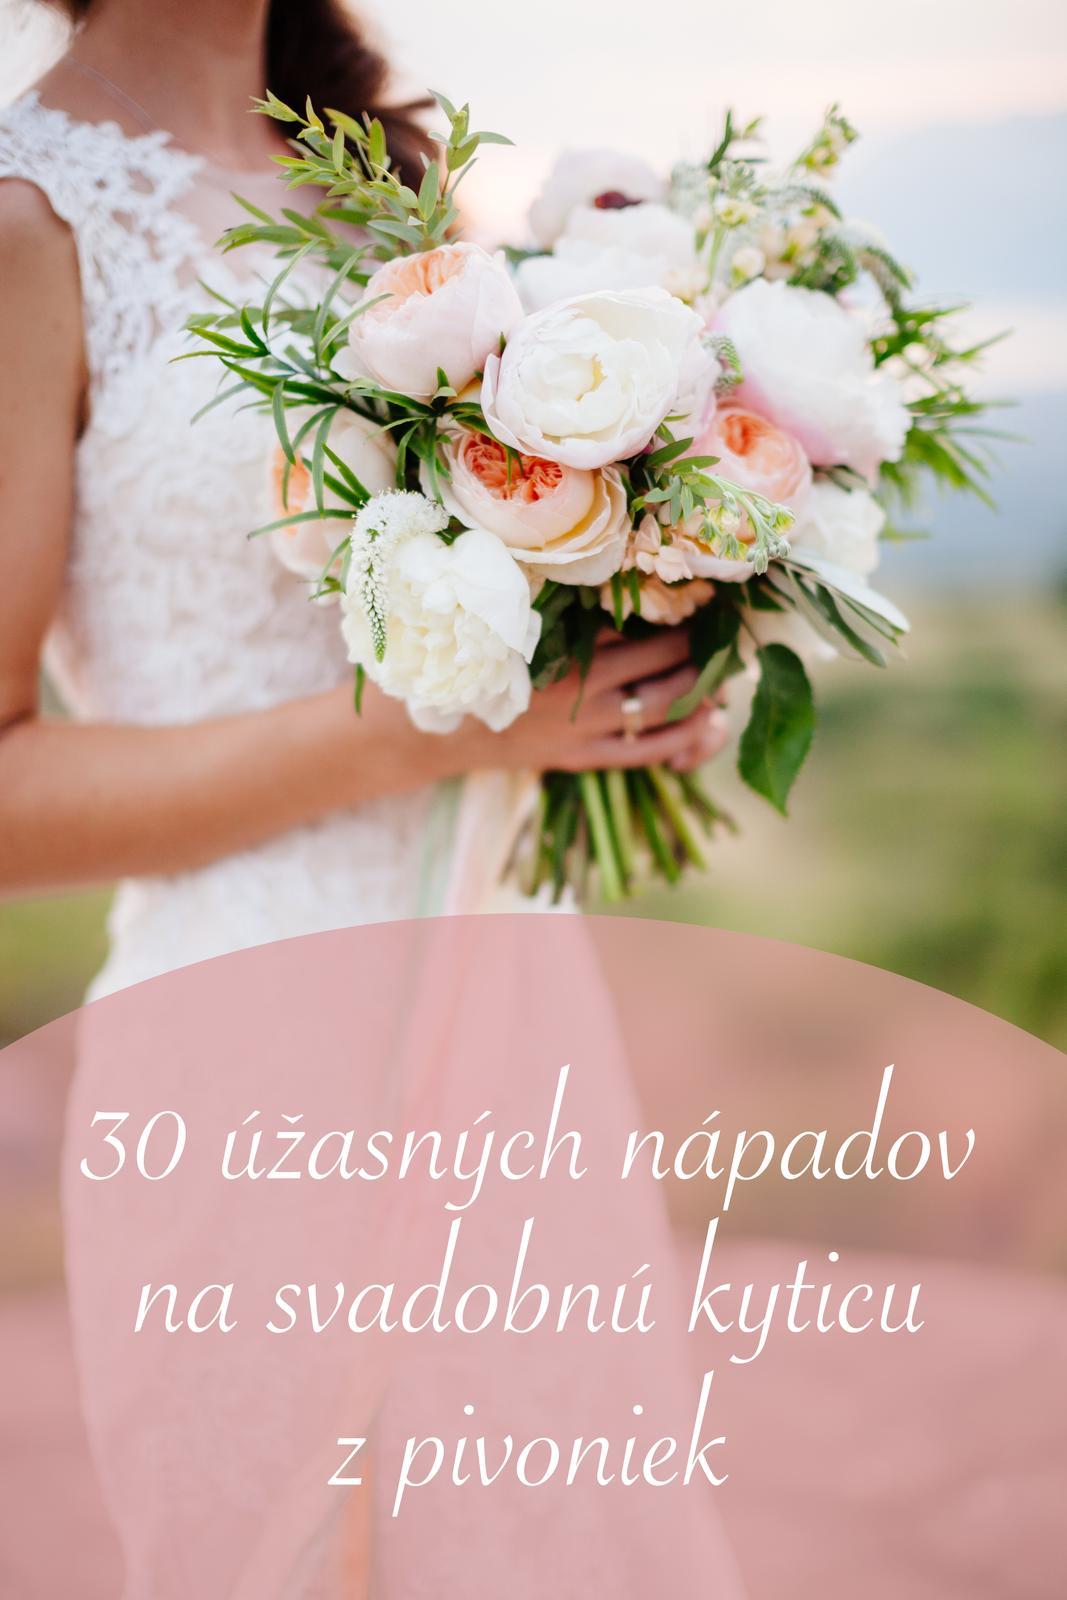 Milujete pivonky a plánujete ich využiť na svojej svadbe? Inšpirujte sa v našom najnovšom článku, v ktorom prinášame 30 nápadov na svadobnú kyticu z pivoniek: https://www.mojasvadba.sk/svadobna-kytica-pivonky #magazin - Obrázok č. 1